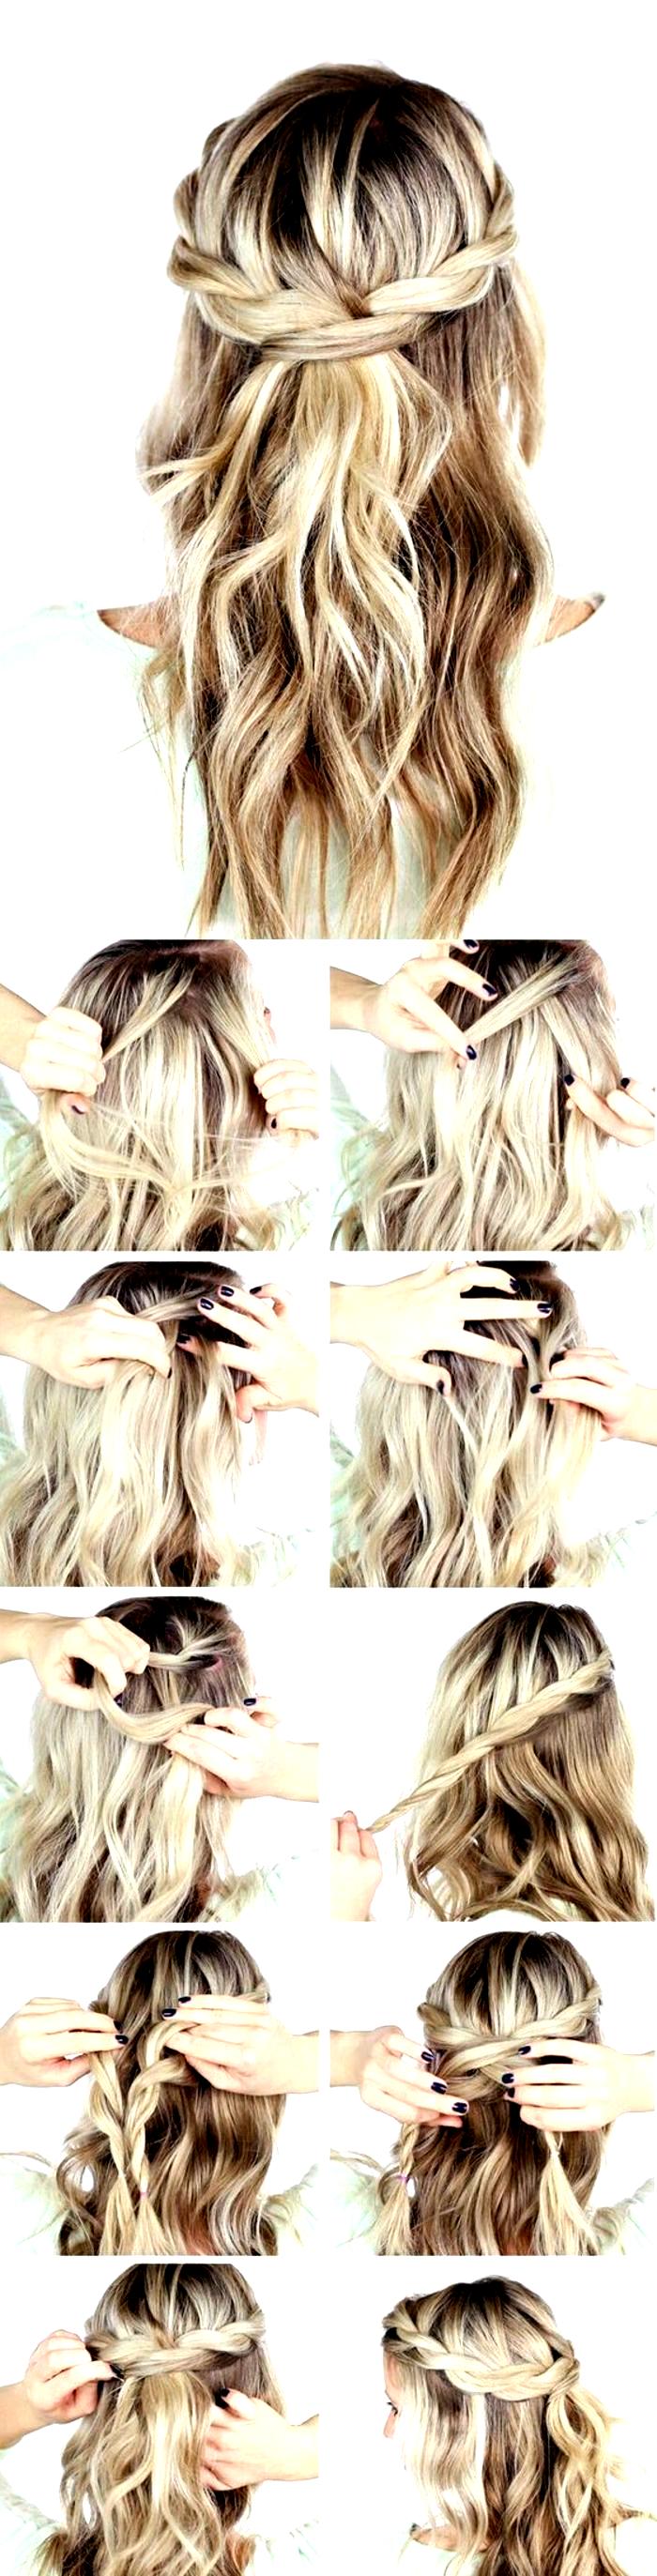 einfache frisuren mittellange, blonde, lockige haare, tolle flechtfrisur - ein... #frisurenmittellangeshaar einfache frisuren mittellange, blonde, lockige haare, tolle flechtfrisur - ein..., #Blonde #ein #einfache #Flechtfrisur #Frisuren #Haare #lockige #Mittellange #tolle